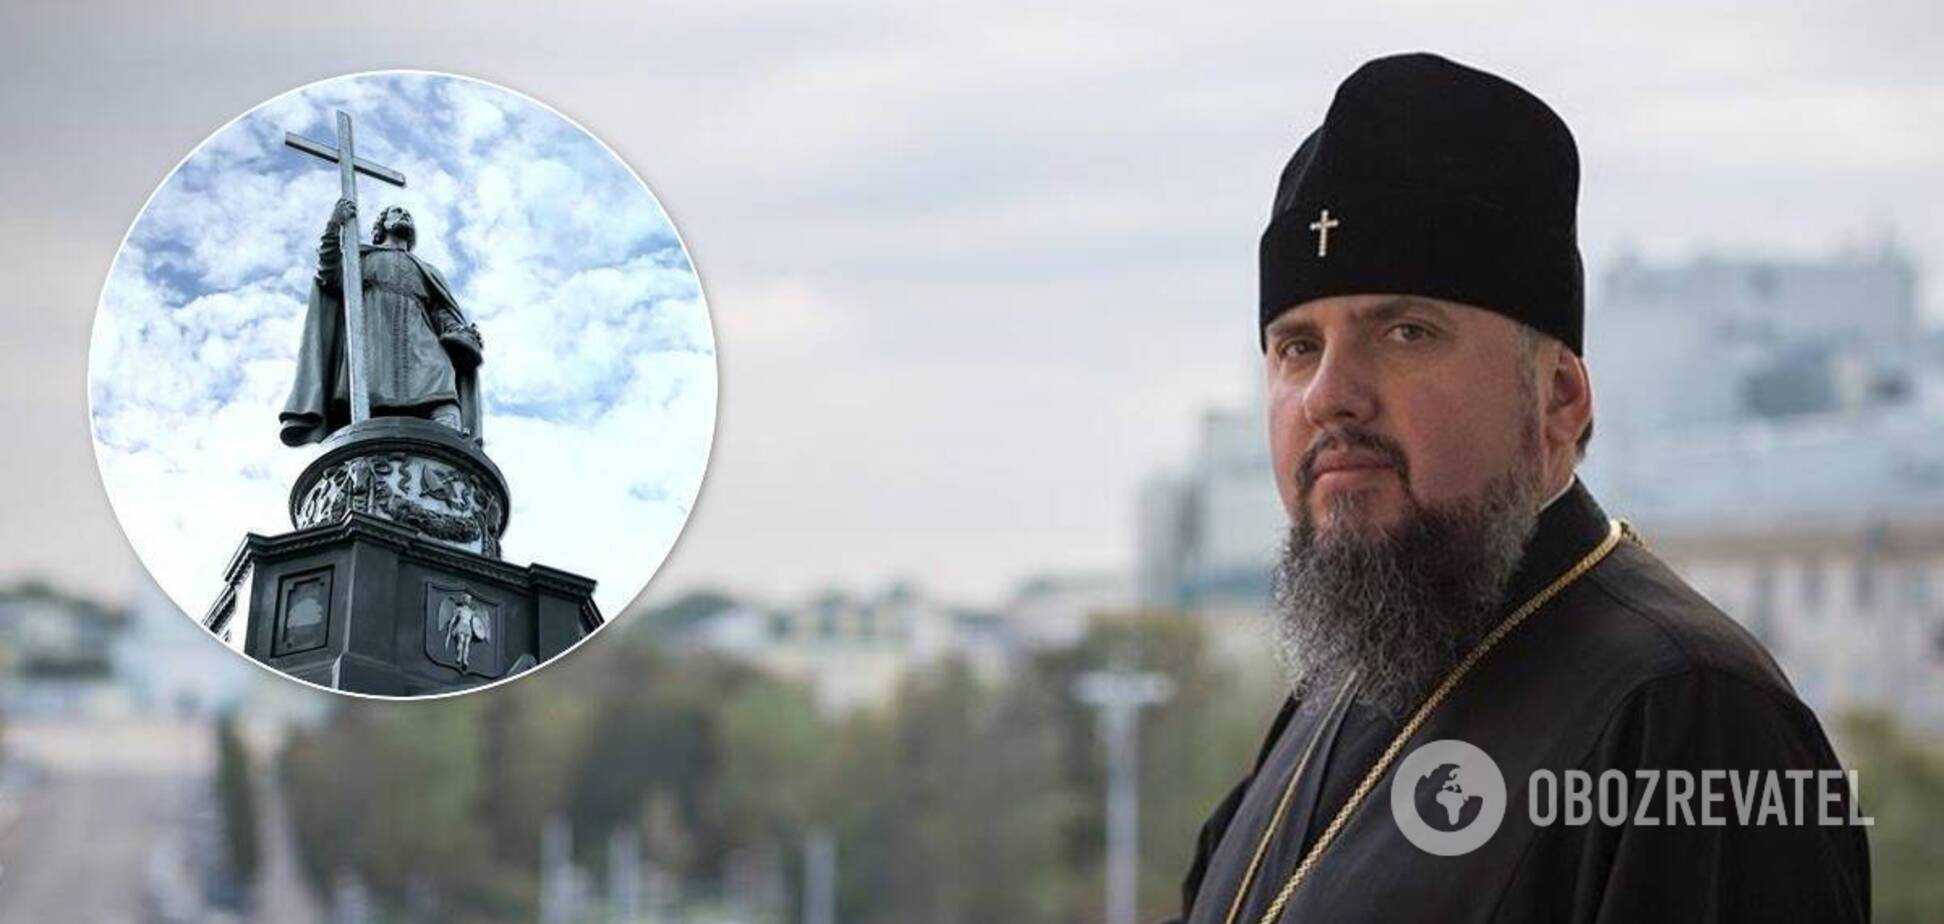 Епіфаній розповів, як в Україні святкуватимуть День хрещення Русі